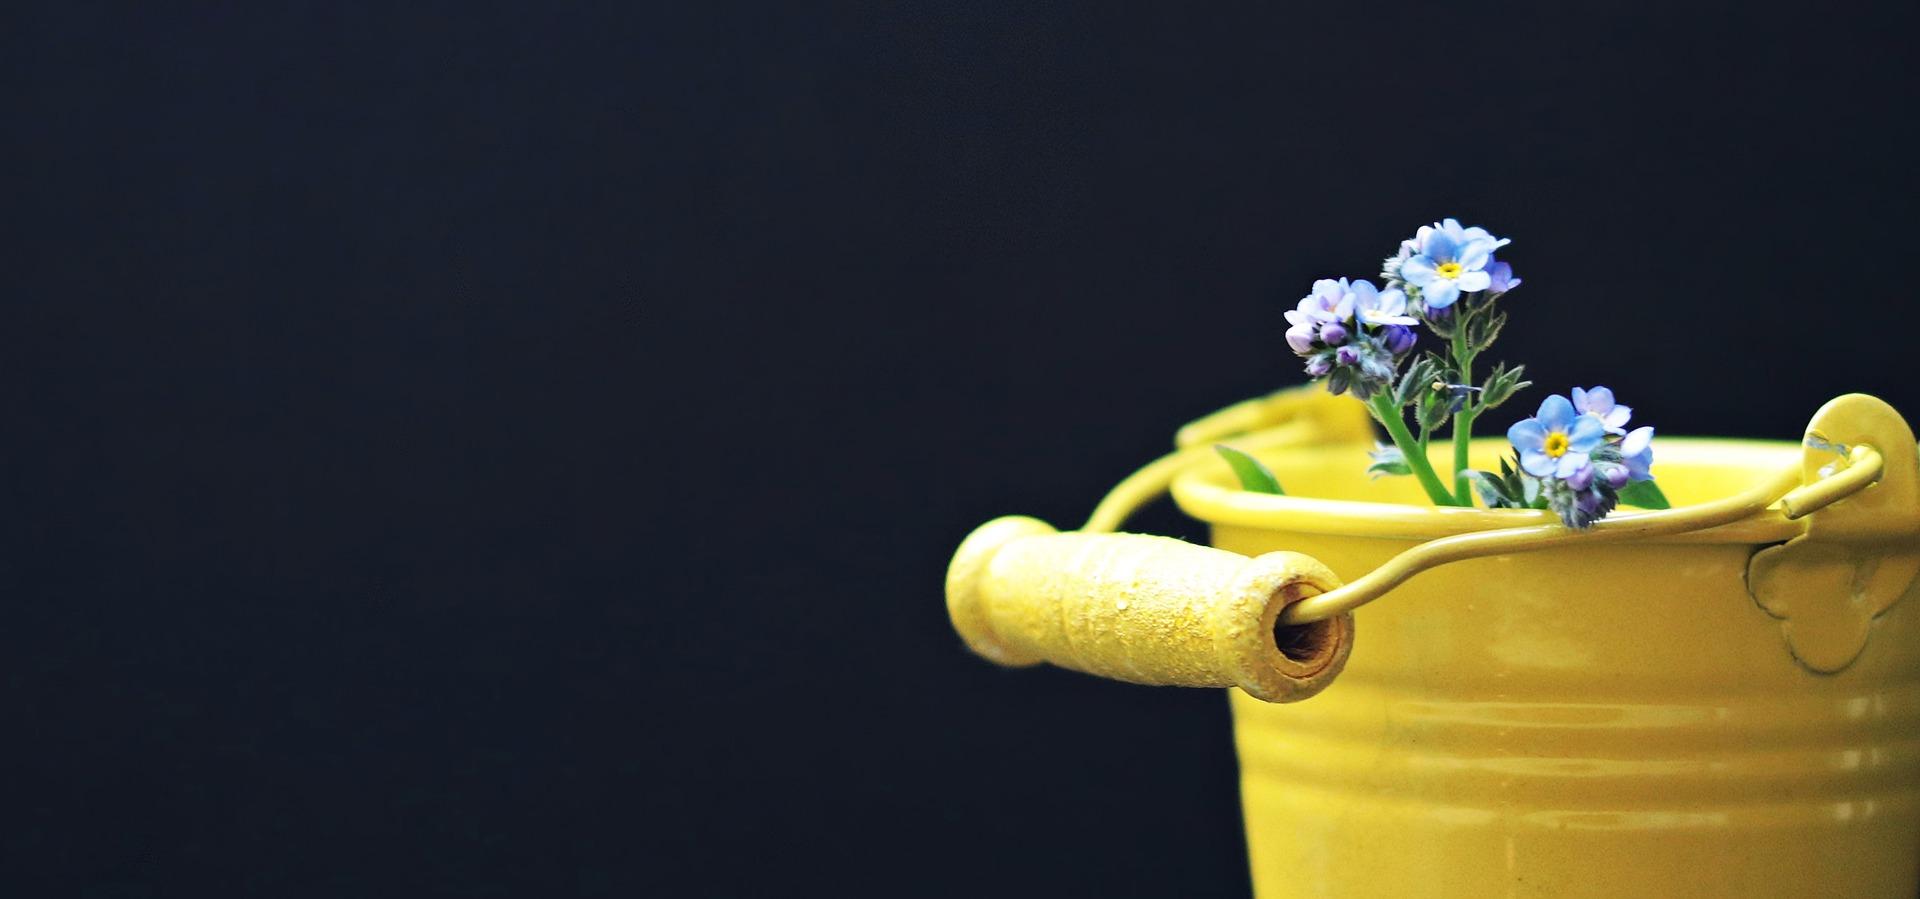 Confinement, solitude et résilience, cadeau de la vie 1